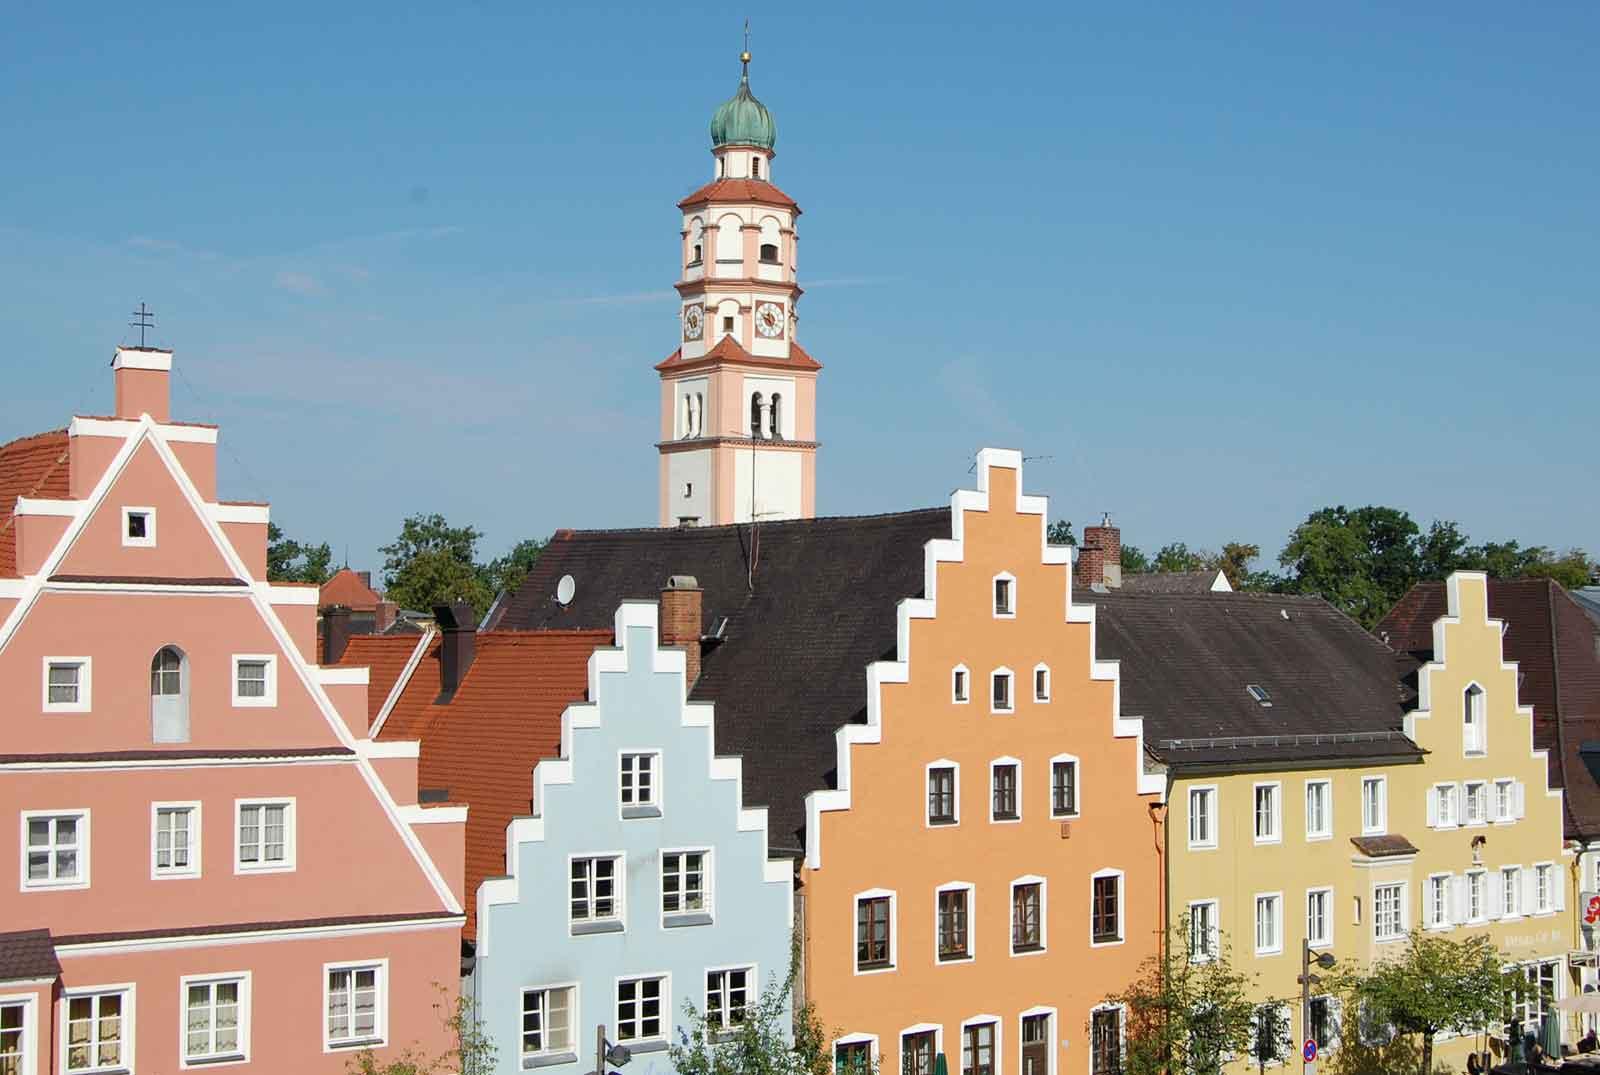 Giebelhäuser am Lenbachplatz